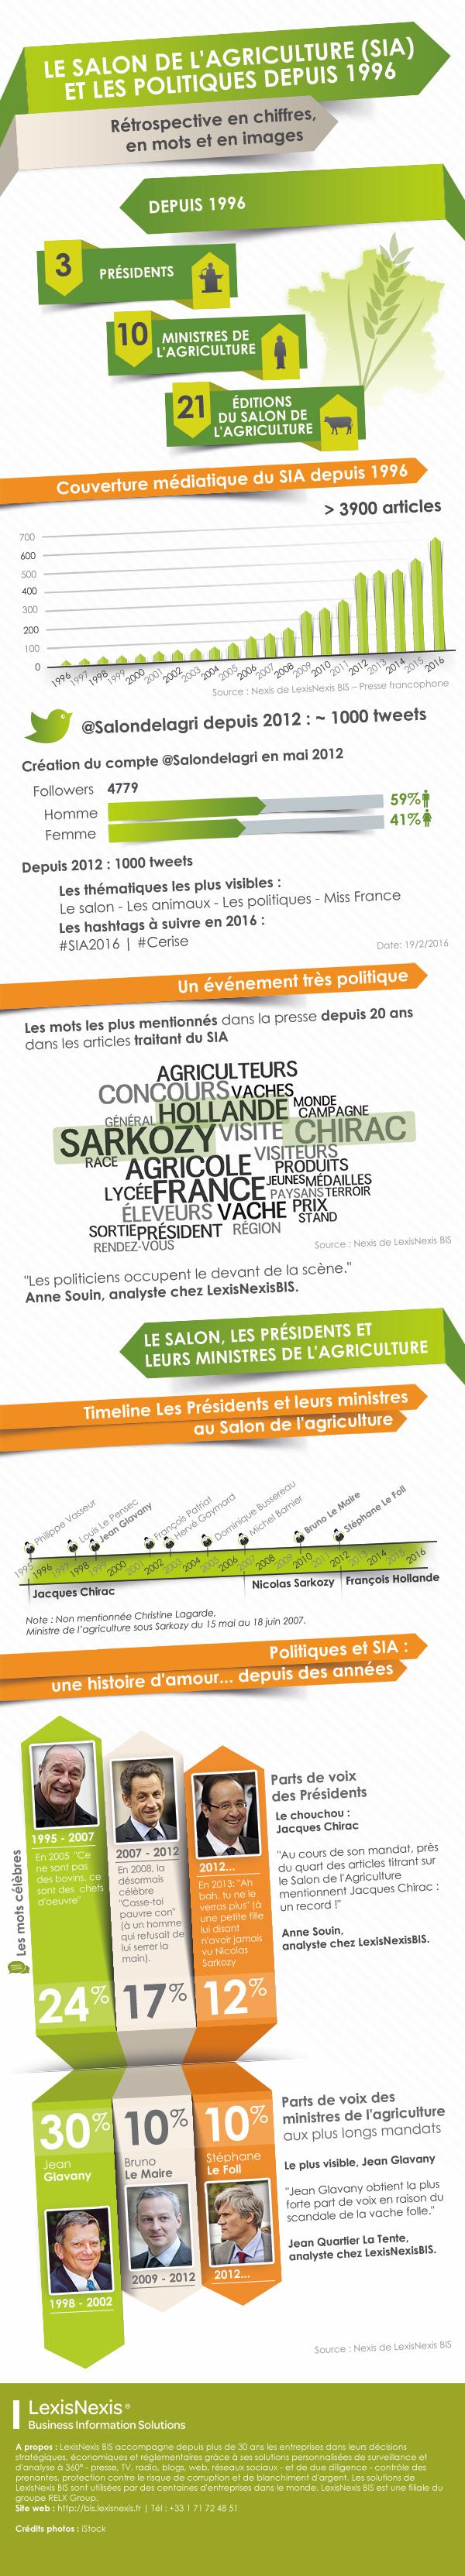 Le salon de l'argriculture & les politiques by LexisNexis BIS